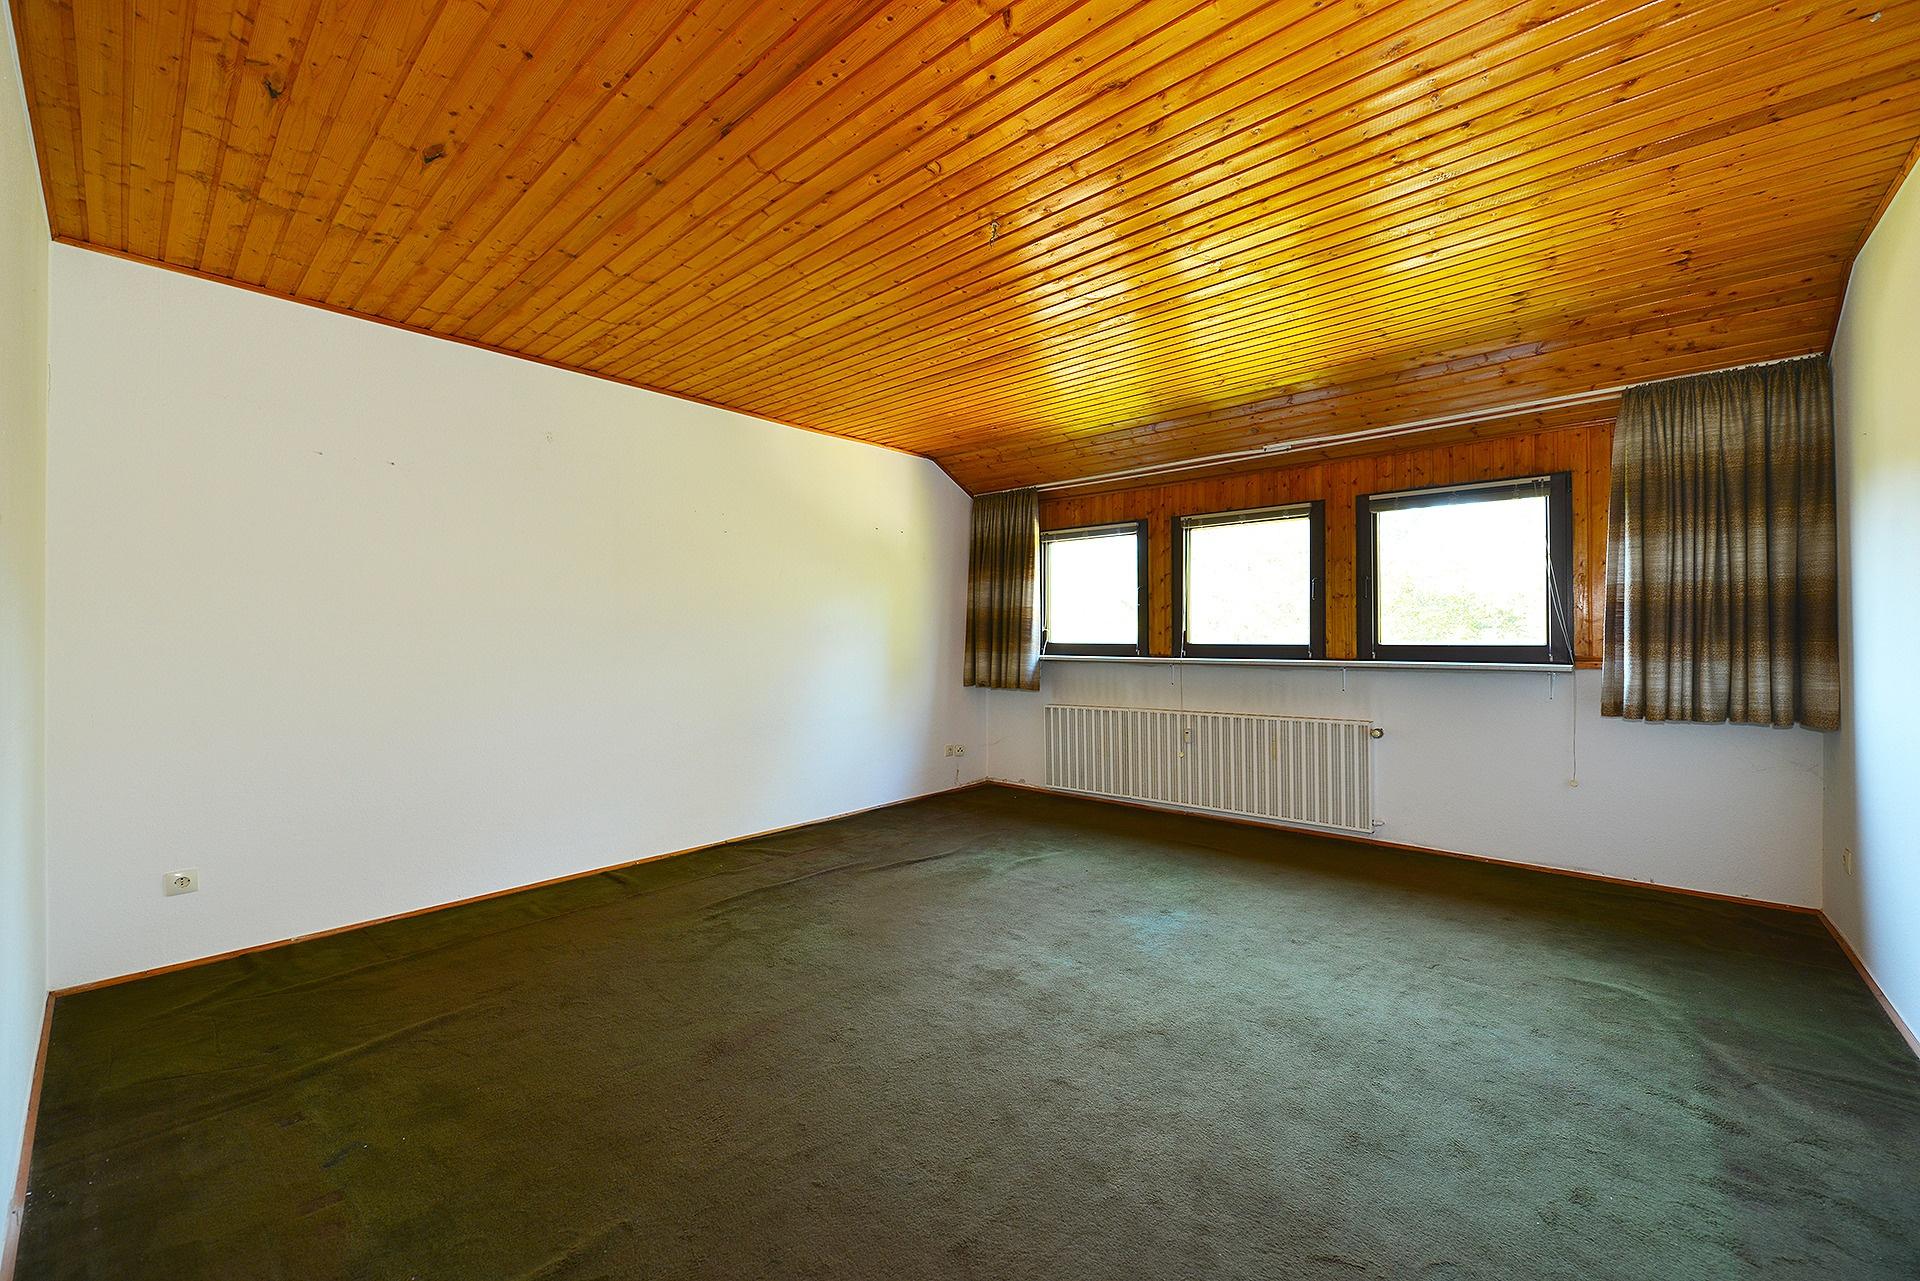 Immobilienmakler Roetgen Etagenwohnung referenzen mit Immobilienbewertung